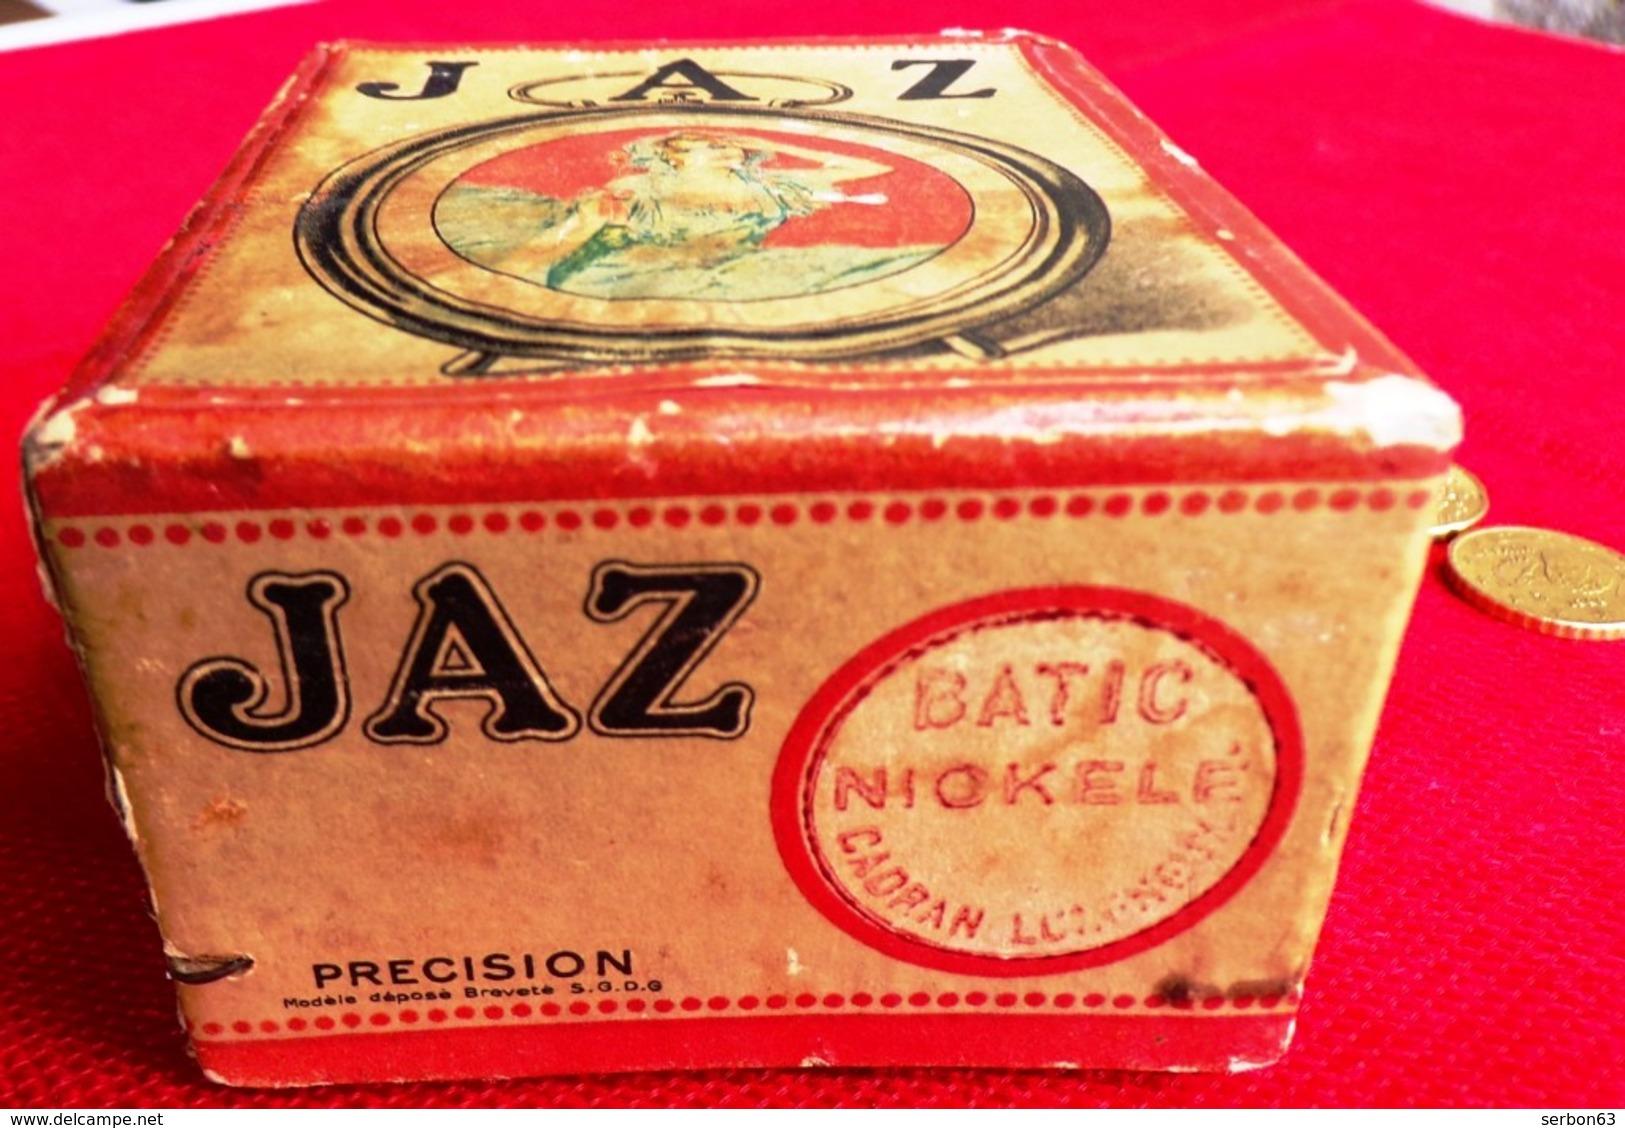 JAZ BATIC NICKELÉ CADRAN LUMINEUX BOITE CARTONNÉE TRÈS USAGÉE PUBLICITAIRE VIDE PUBLICITÉ ROUSSELOT HORLOGER - Serbon63 - Boites à Tabac Vides